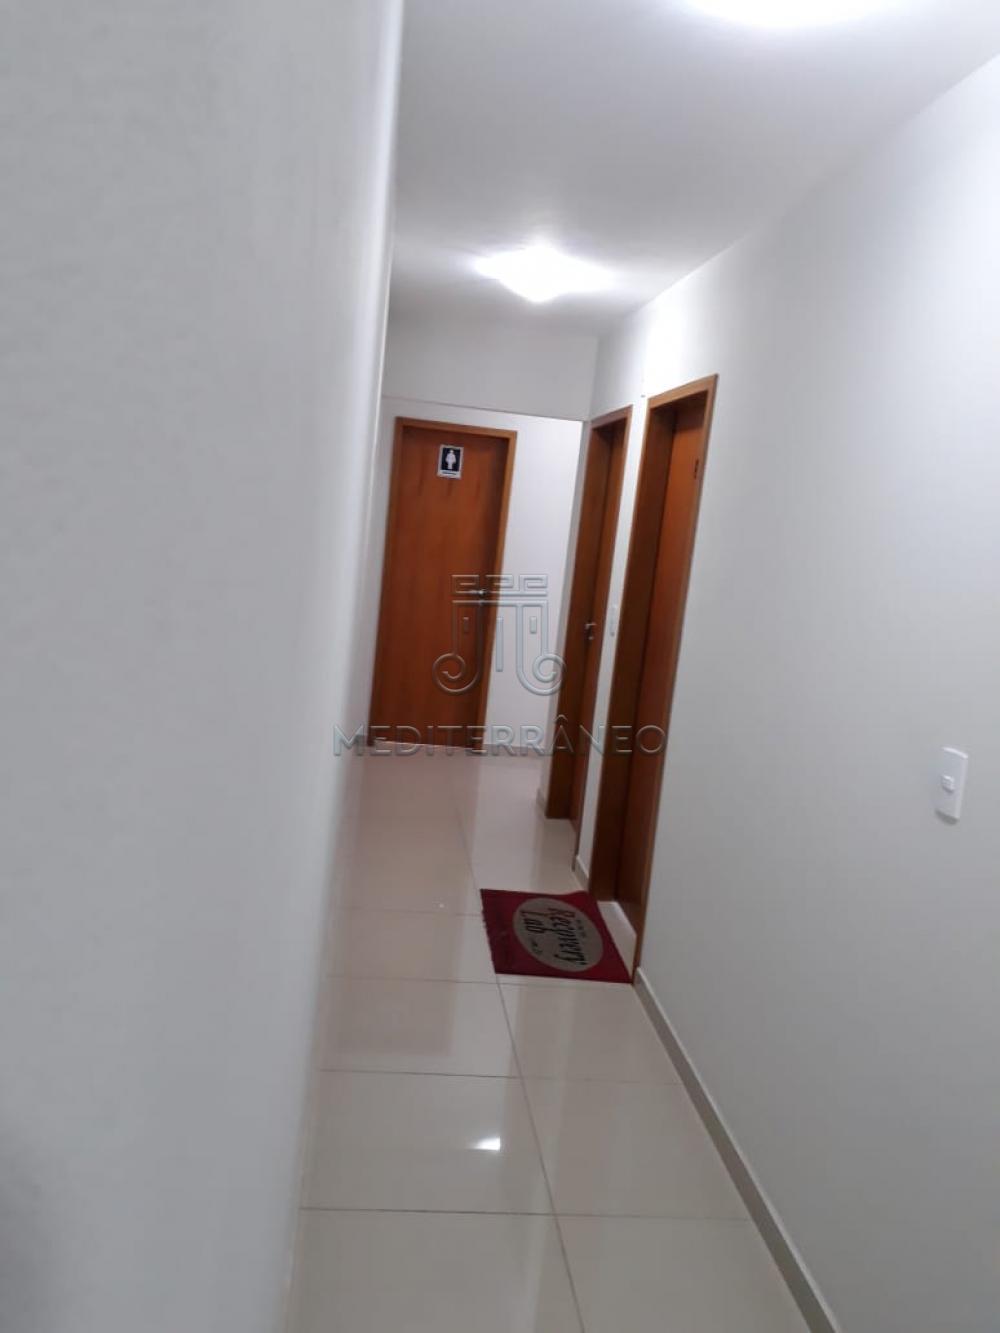 Alugar Comercial / Ponto Comercial em Jundiaí apenas R$ 650,00 - Foto 2